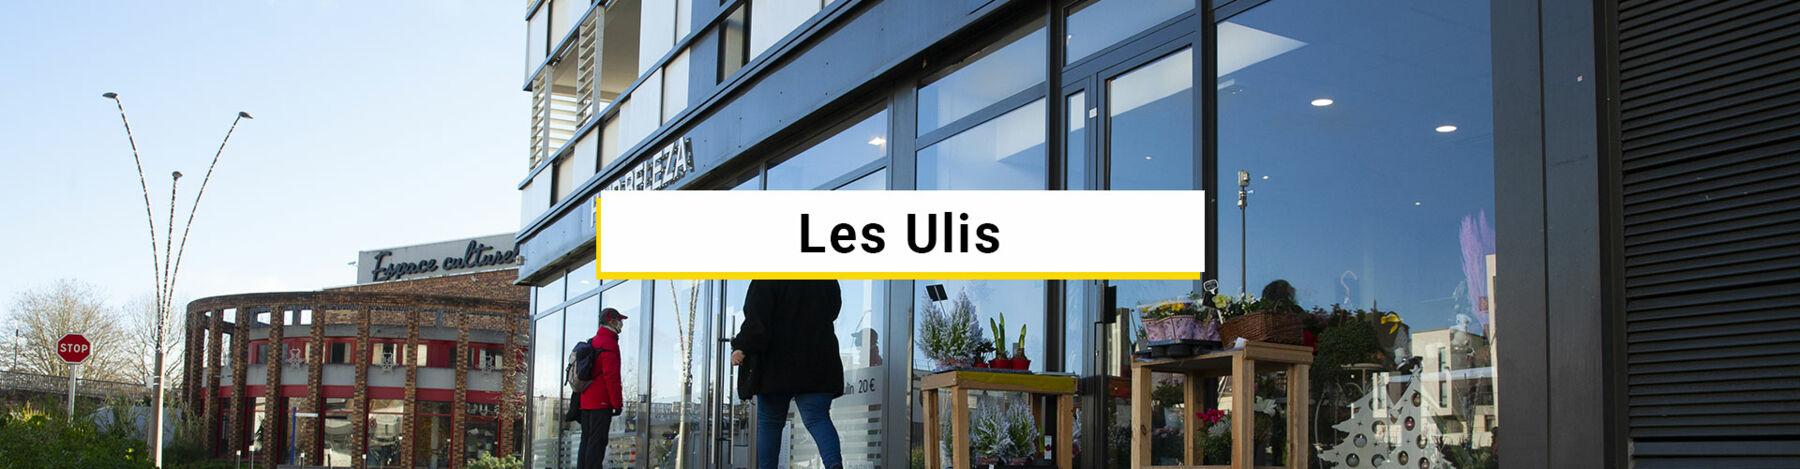 Les Ulis boutiques